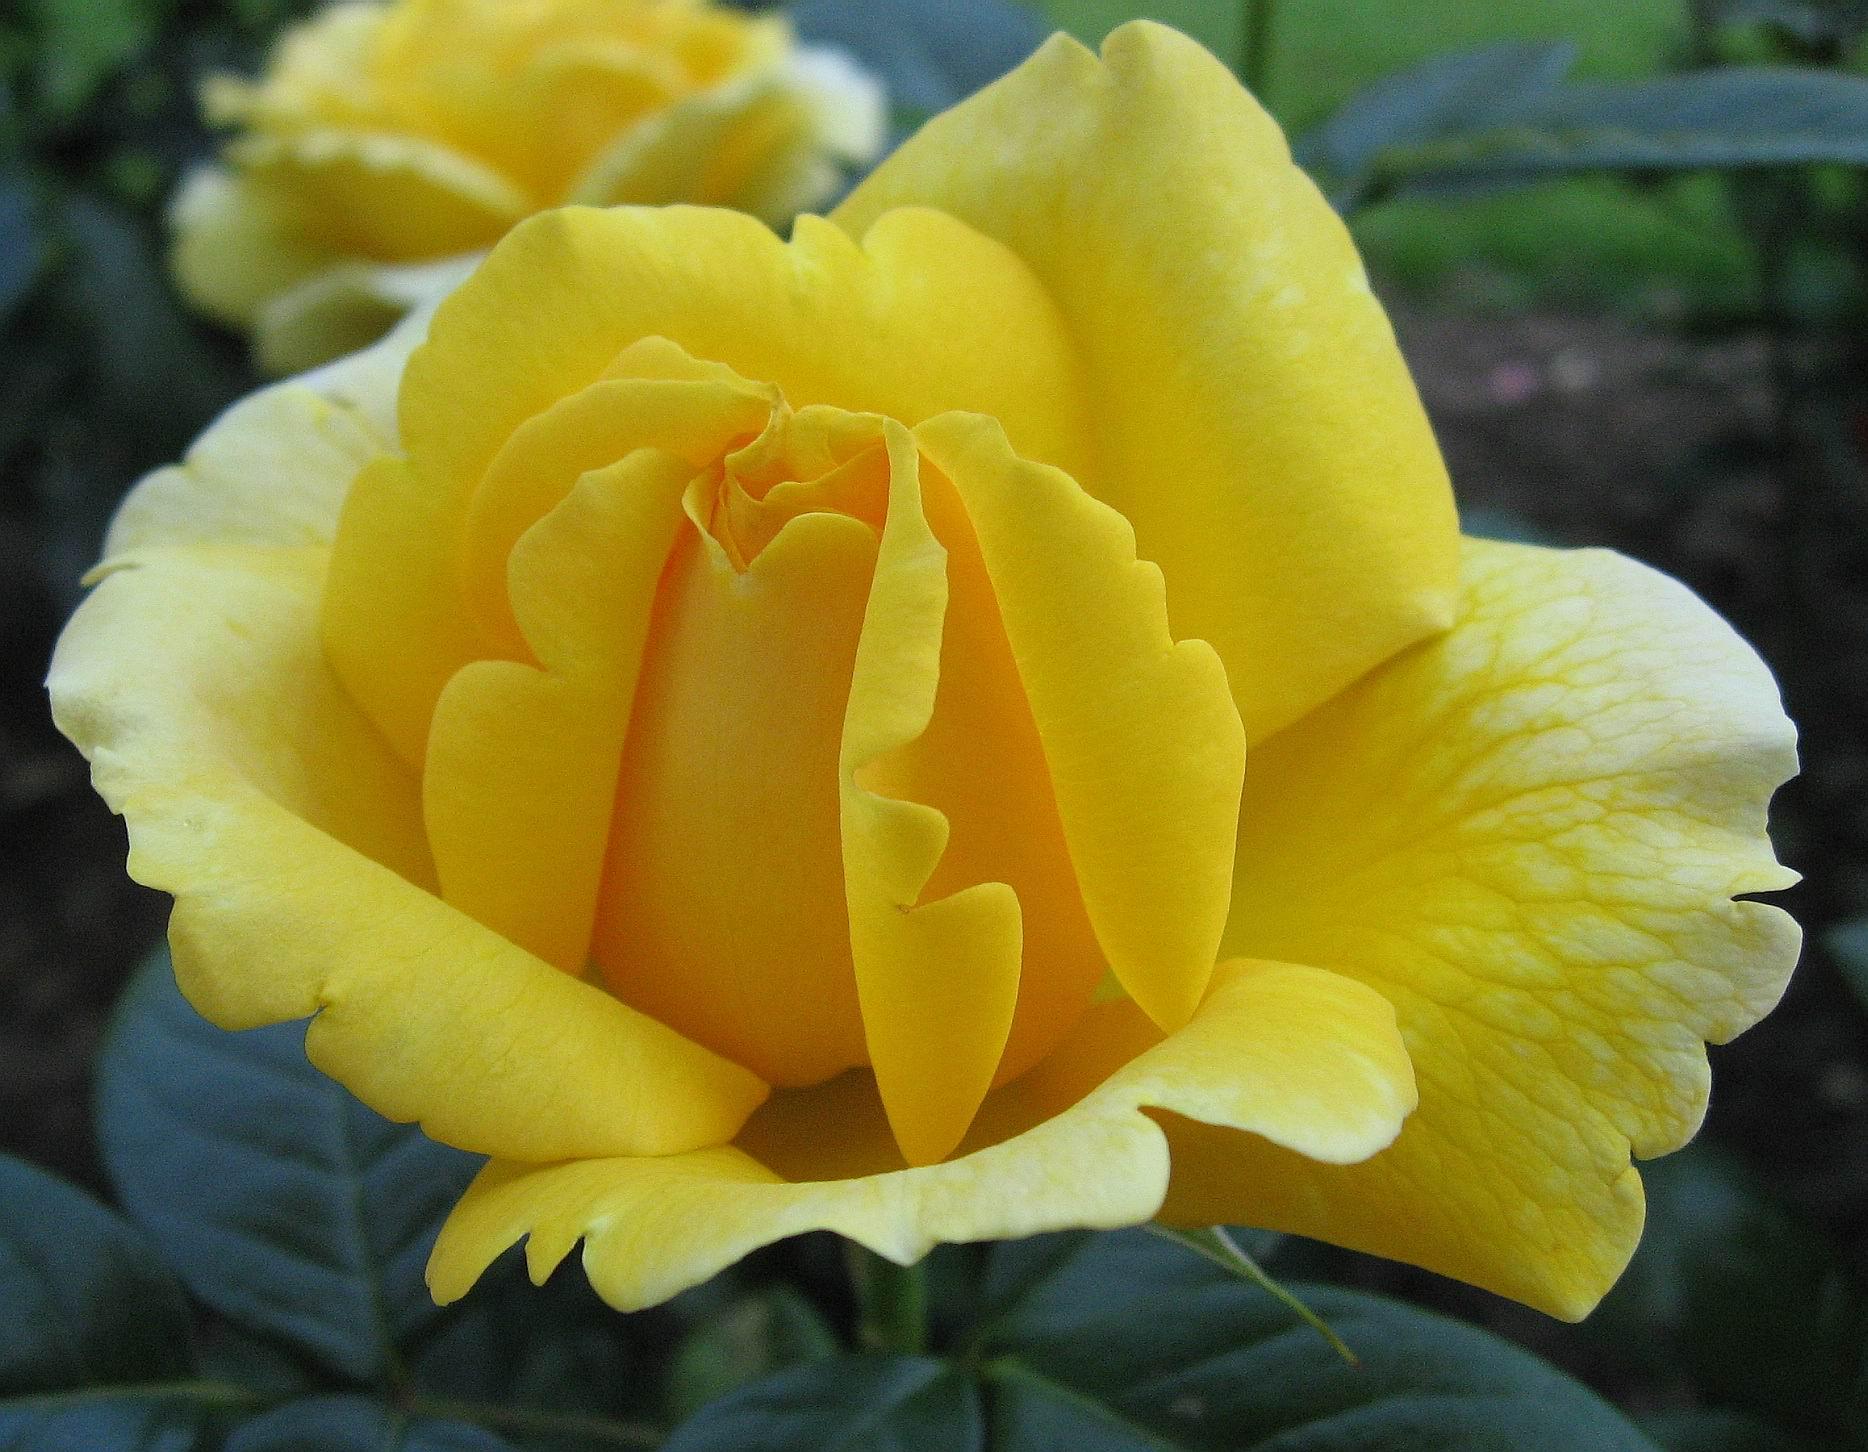 بالصور اجمل الورود في العالم , انواع الورود في العالم 2854 8